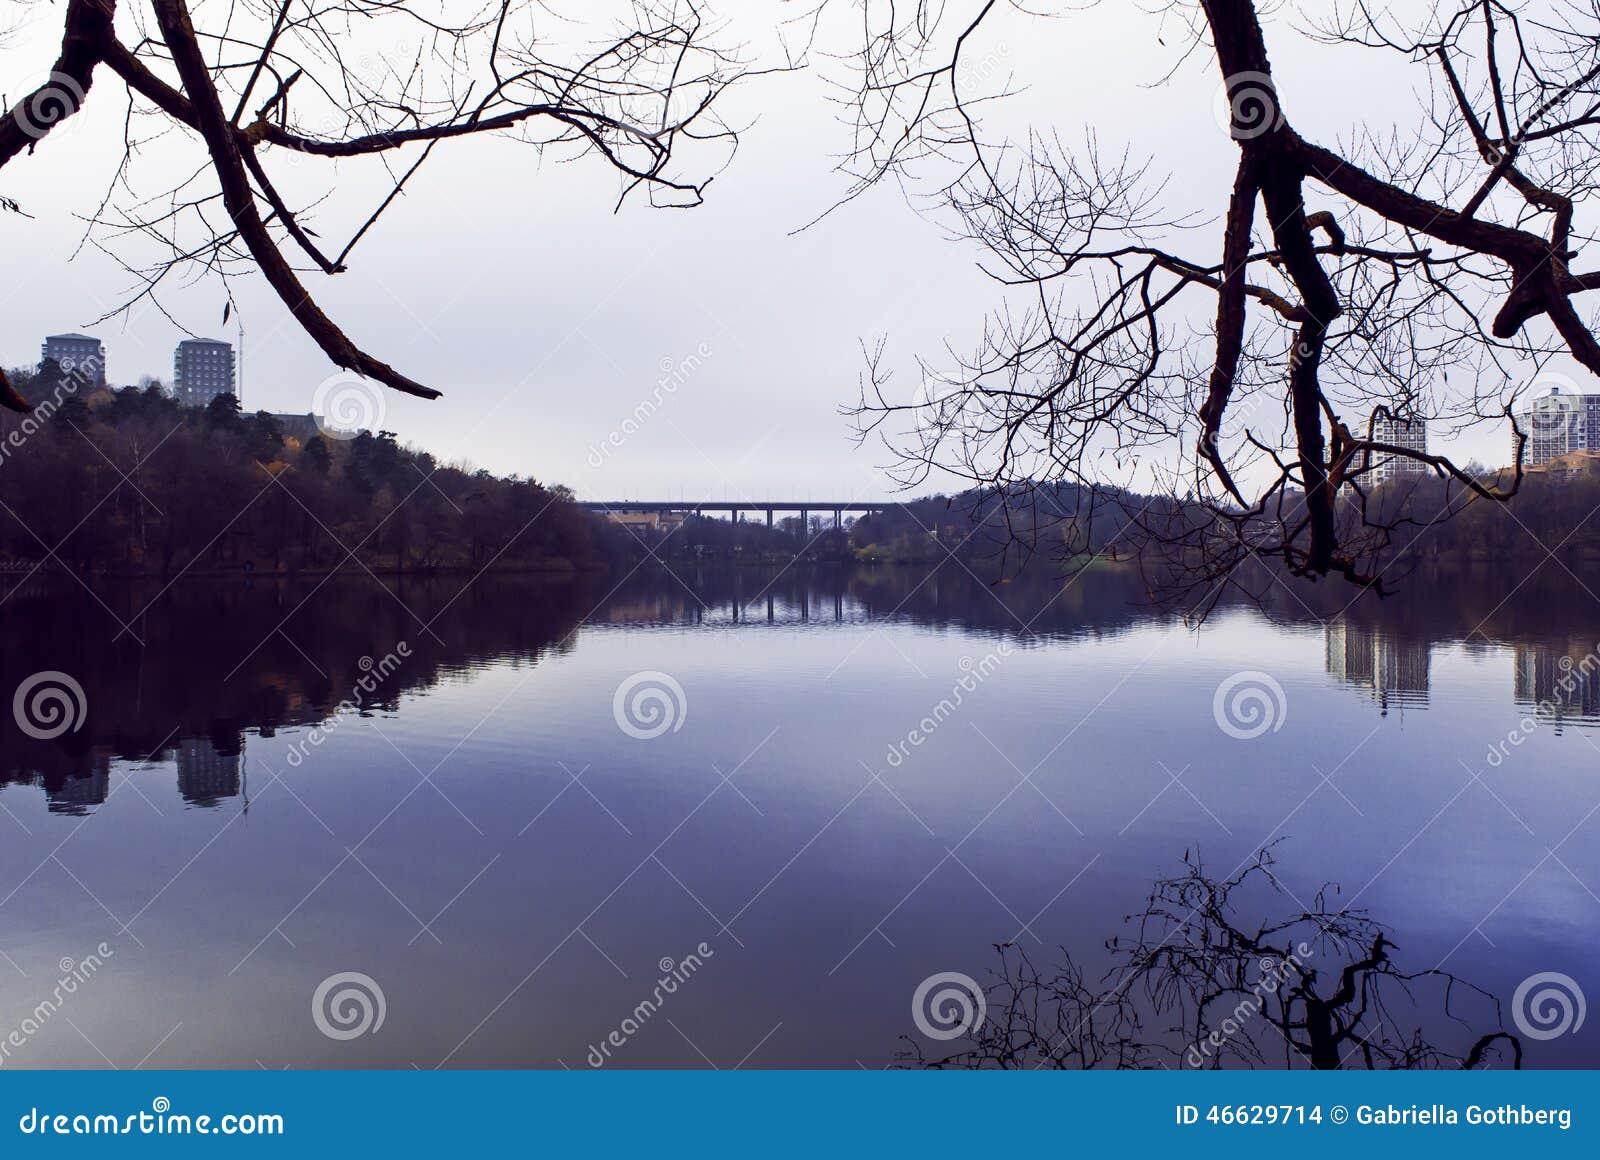 Autumn landscape reflection